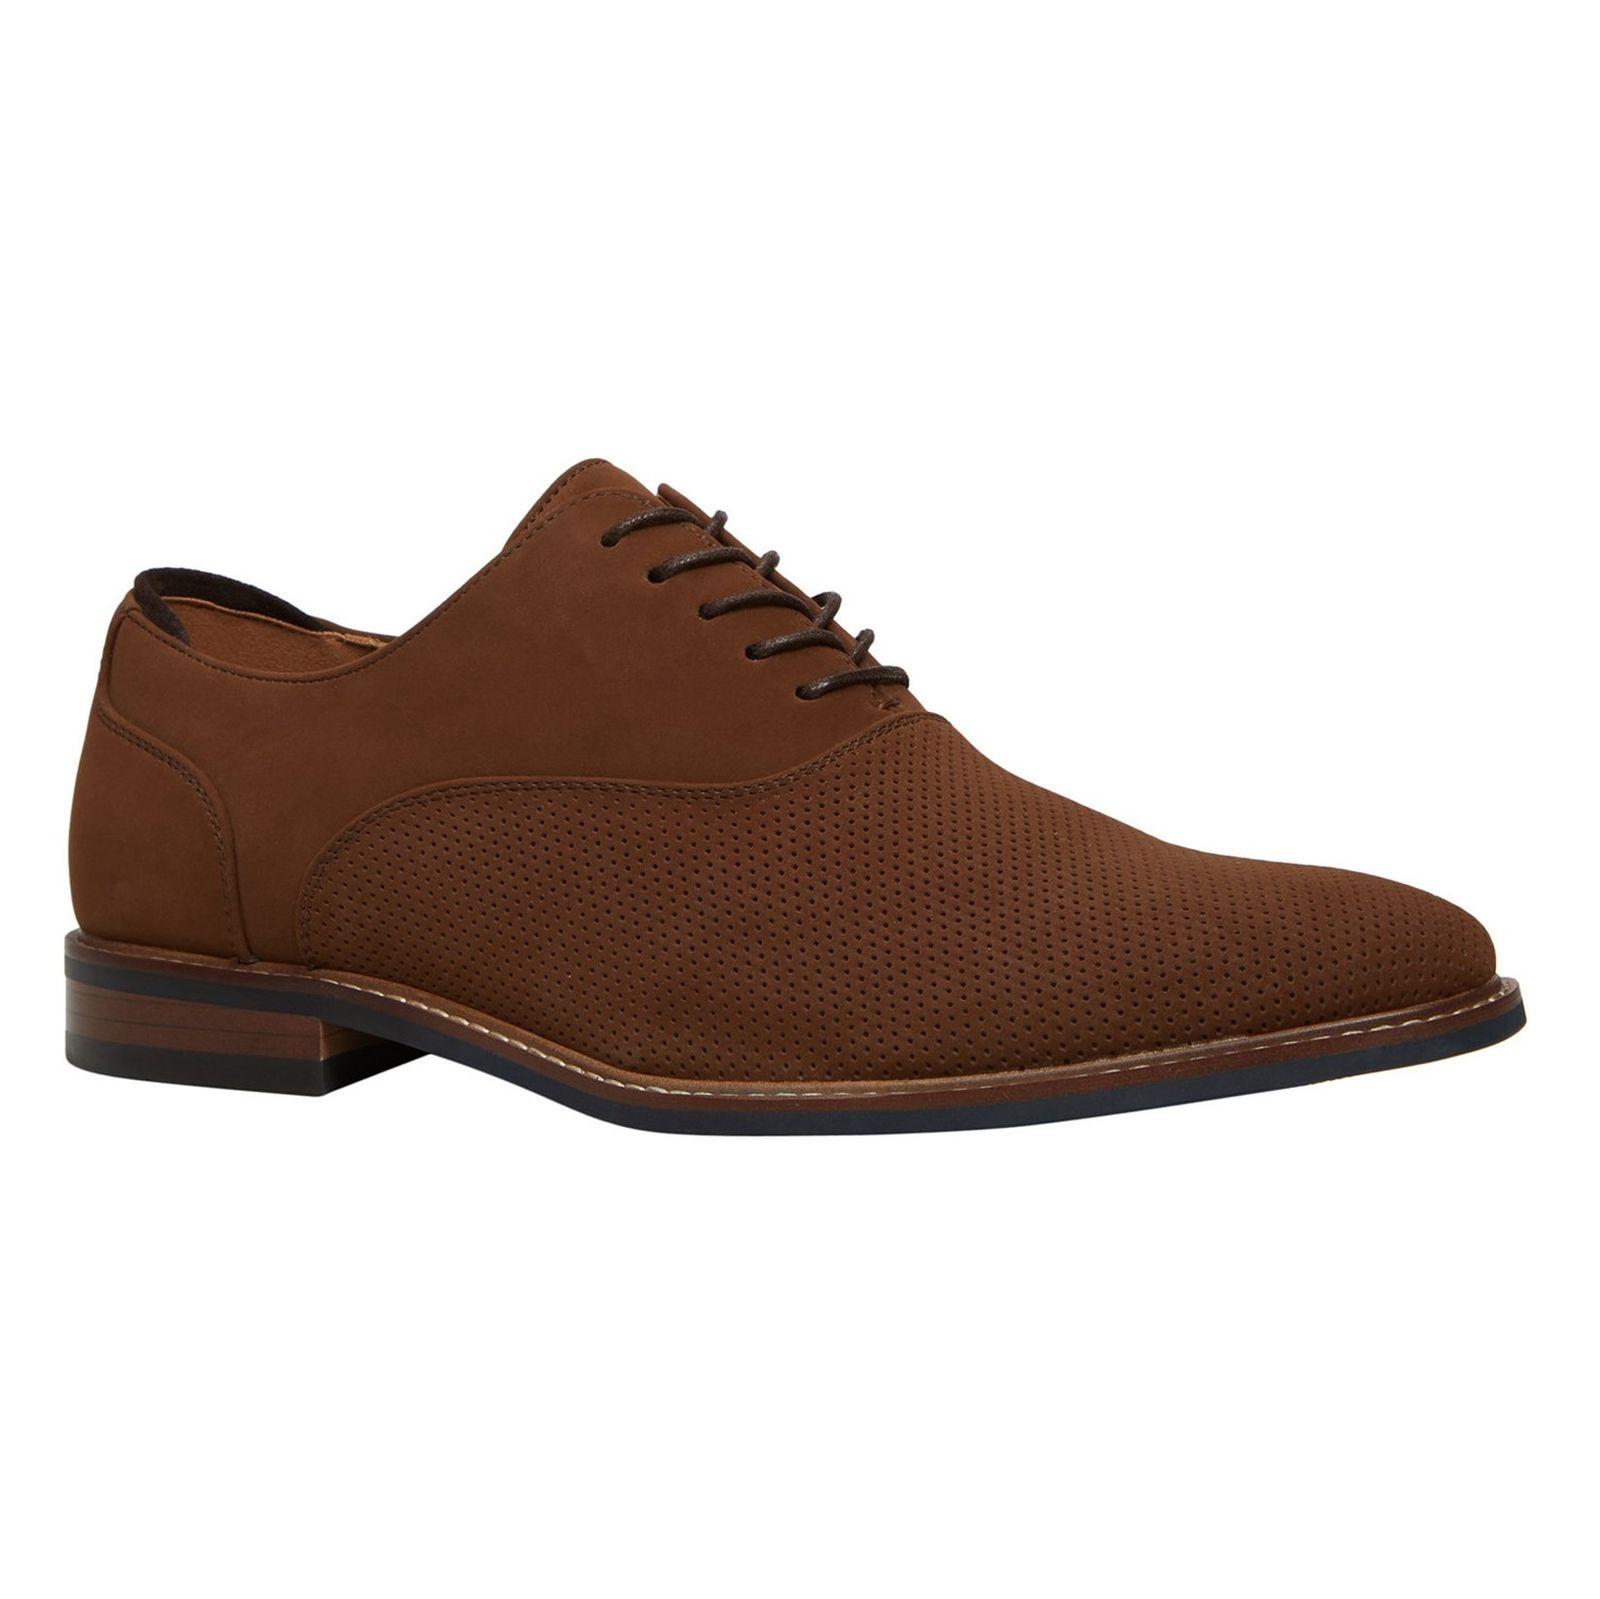 کفش رسمی مردانه - کال ایت اسپرینگ - قهوه اي روشن - 1